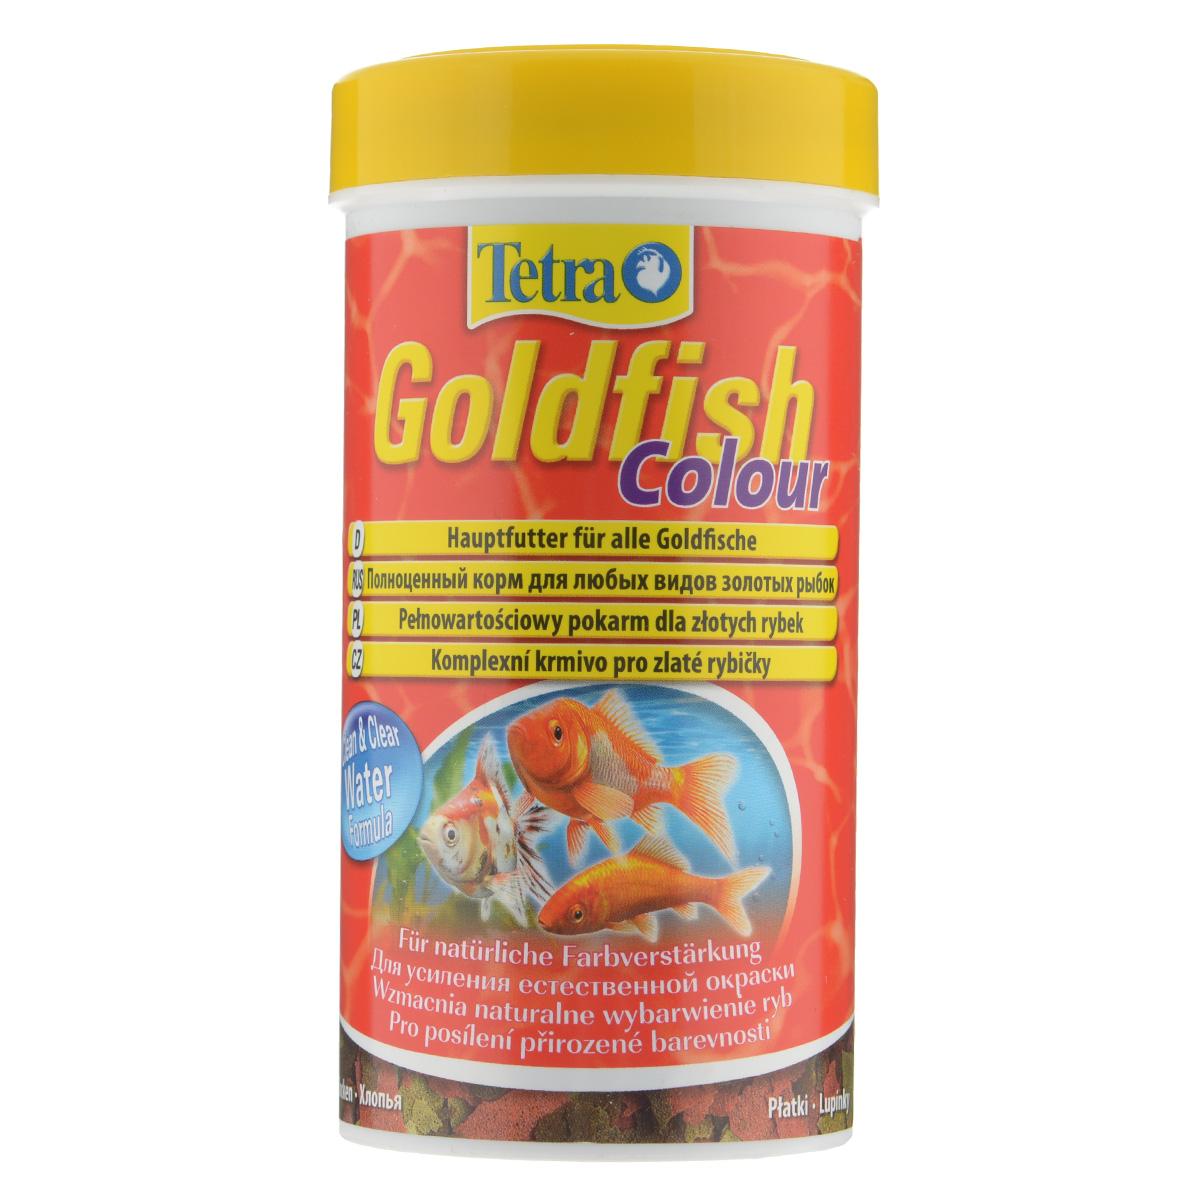 Корм Tetra Goldfish Colour для любых видов золотых рыбок, в виде хлопьев, 250 мл183780Корм Tetra Goldfish Colour - высококачественный сбалансированный питательный корм для любых видов золотых рыбок. Особенности Tetra Goldfish Colour: обогащен каротиноидами для усиления естественной окраски, с формулой Clean & Clear Water для чистой и прозрачной воды и запатентованной формулой BioActive - для продолжительной и здоровой жизни ваших питомцев. Рекомендации по кормлению: кормить несколько раз в день маленькими порциями. Характеристики: Состав: рыба и побочные рыбные продукты, зерновые культуры, дрожжи, экстракты растительного белка, моллюски и раки, масла и жиры, водоросли, сахар. Пищевая ценность: сырой белок - 43%, сырые масла и жиры - 11%, сырая клетчатка - 2%, влага - 6%. Добавки: витамины, провитамины и химические вещества с аналогичным воздействием: витамин А 29360 МЕ/кг, витамин Д3 1830 МЕ/кг. Комбинации элементов: Е5 Марганец 29 мг/кг, Е6 Цинк 17 мг/кг,...